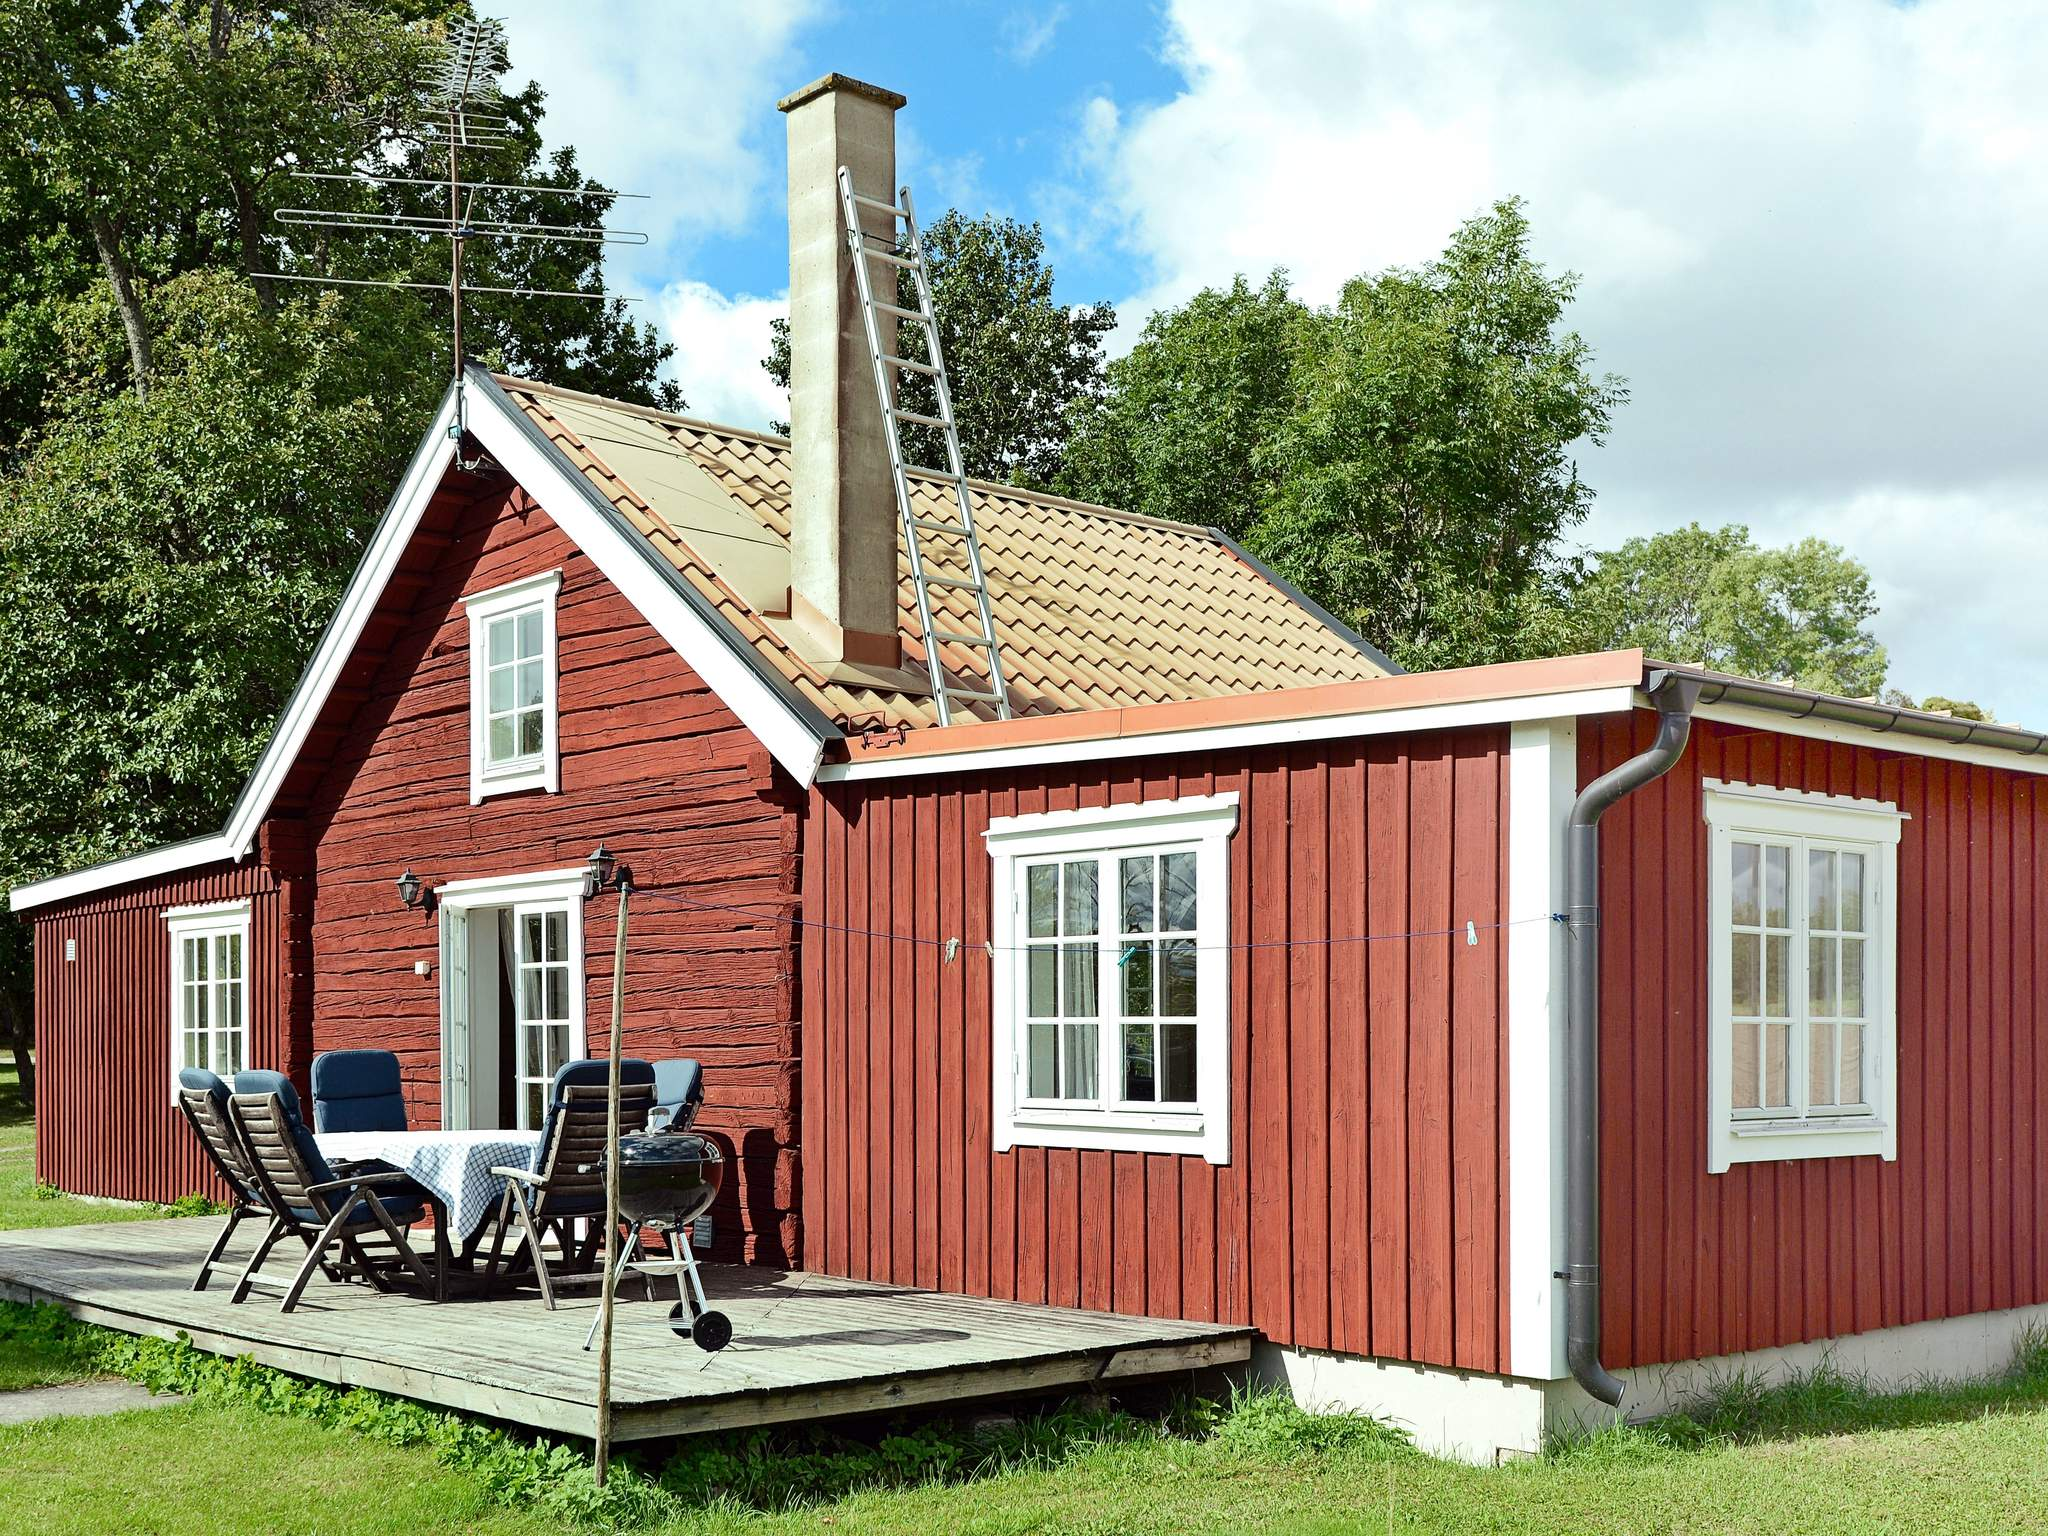 Ferienhaus Strängnäs (93280), Strängnäs, Södermanlands län, Mittelschweden, Schweden, Bild 1